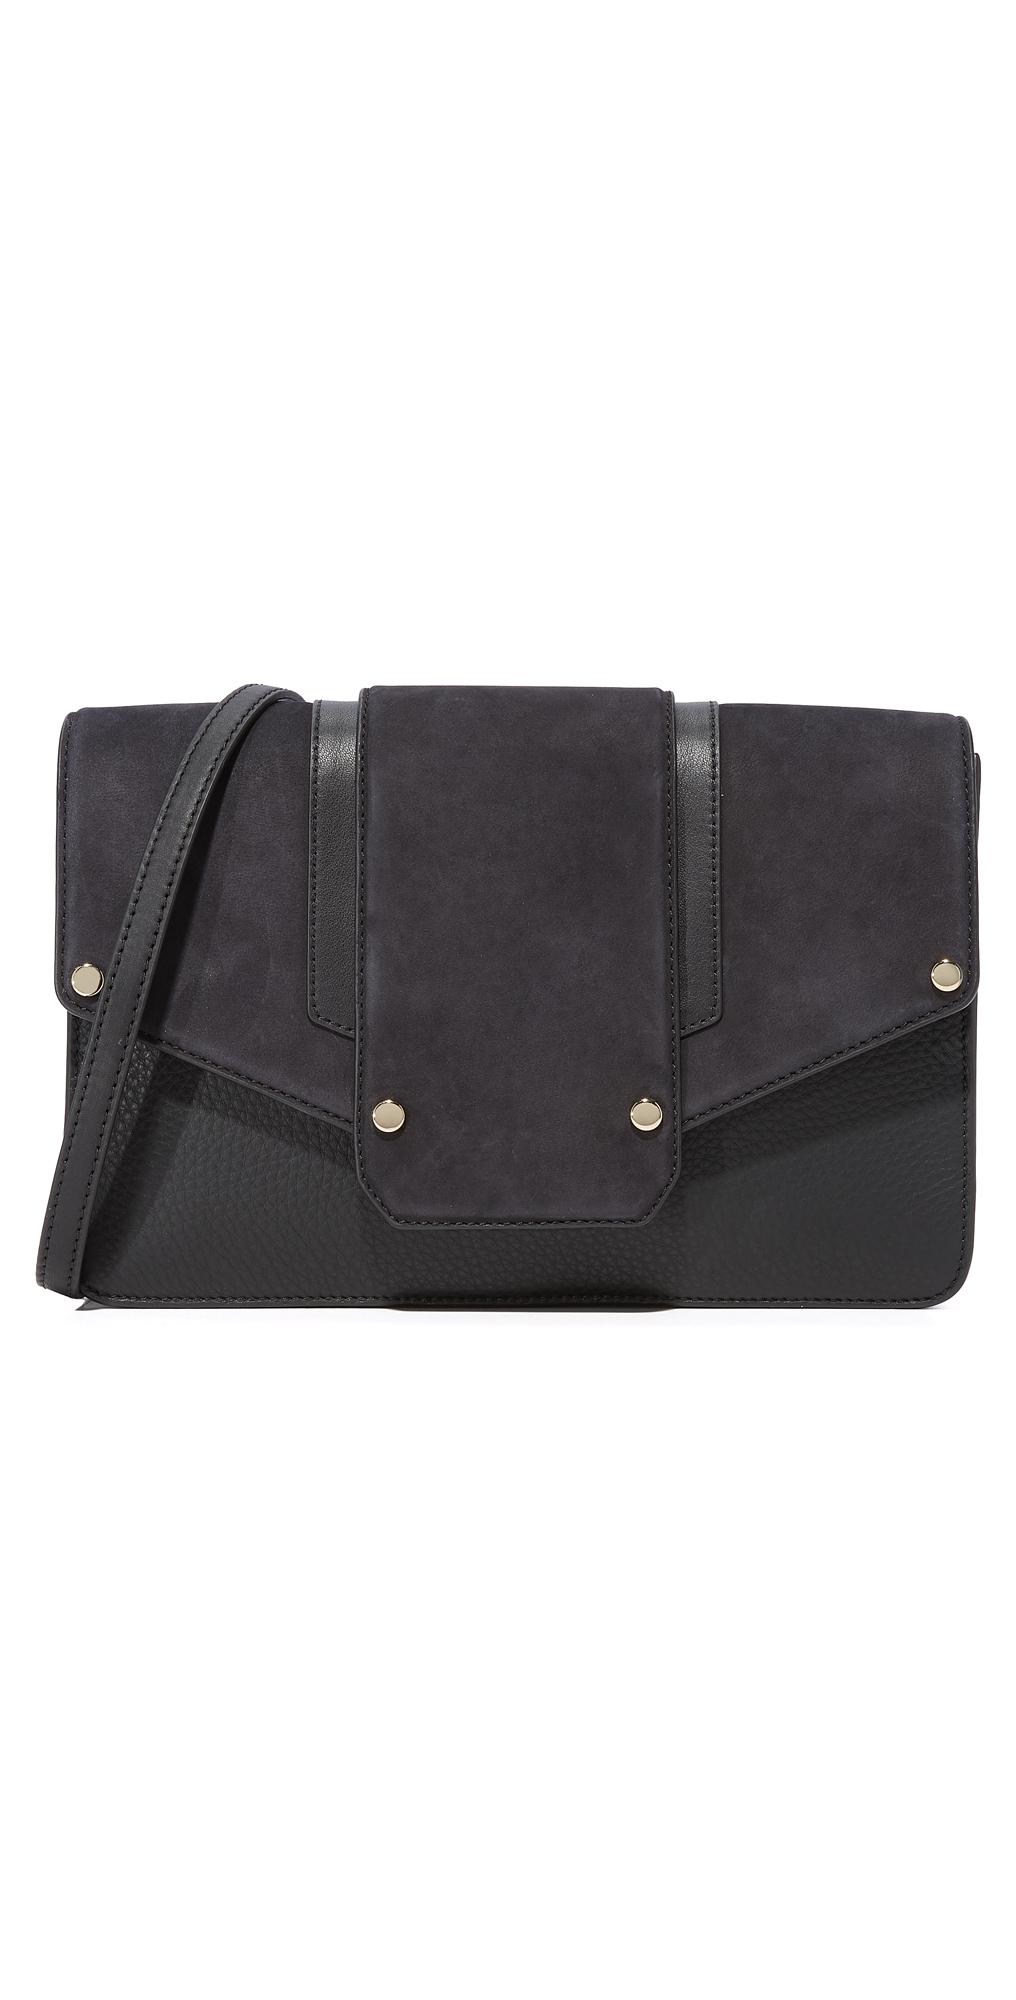 Effy Shoulder Bag Mackage